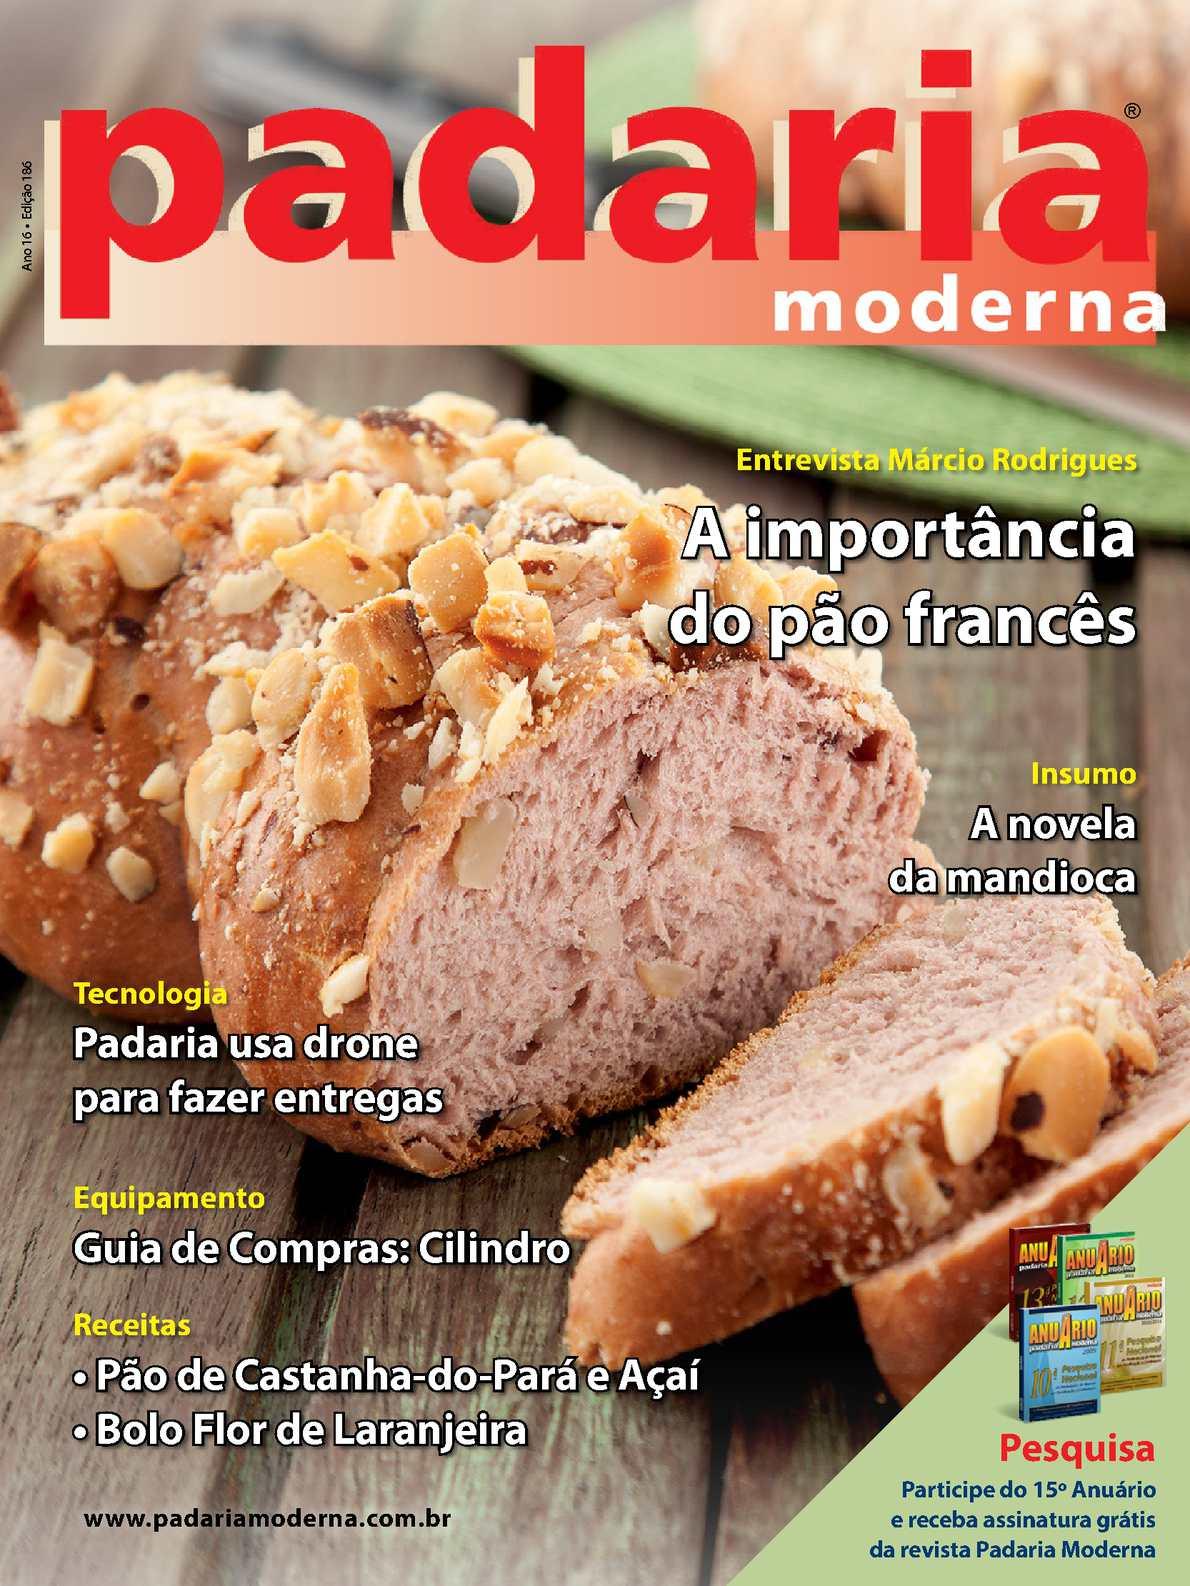 Revista Padaria Moderna - Edição 186